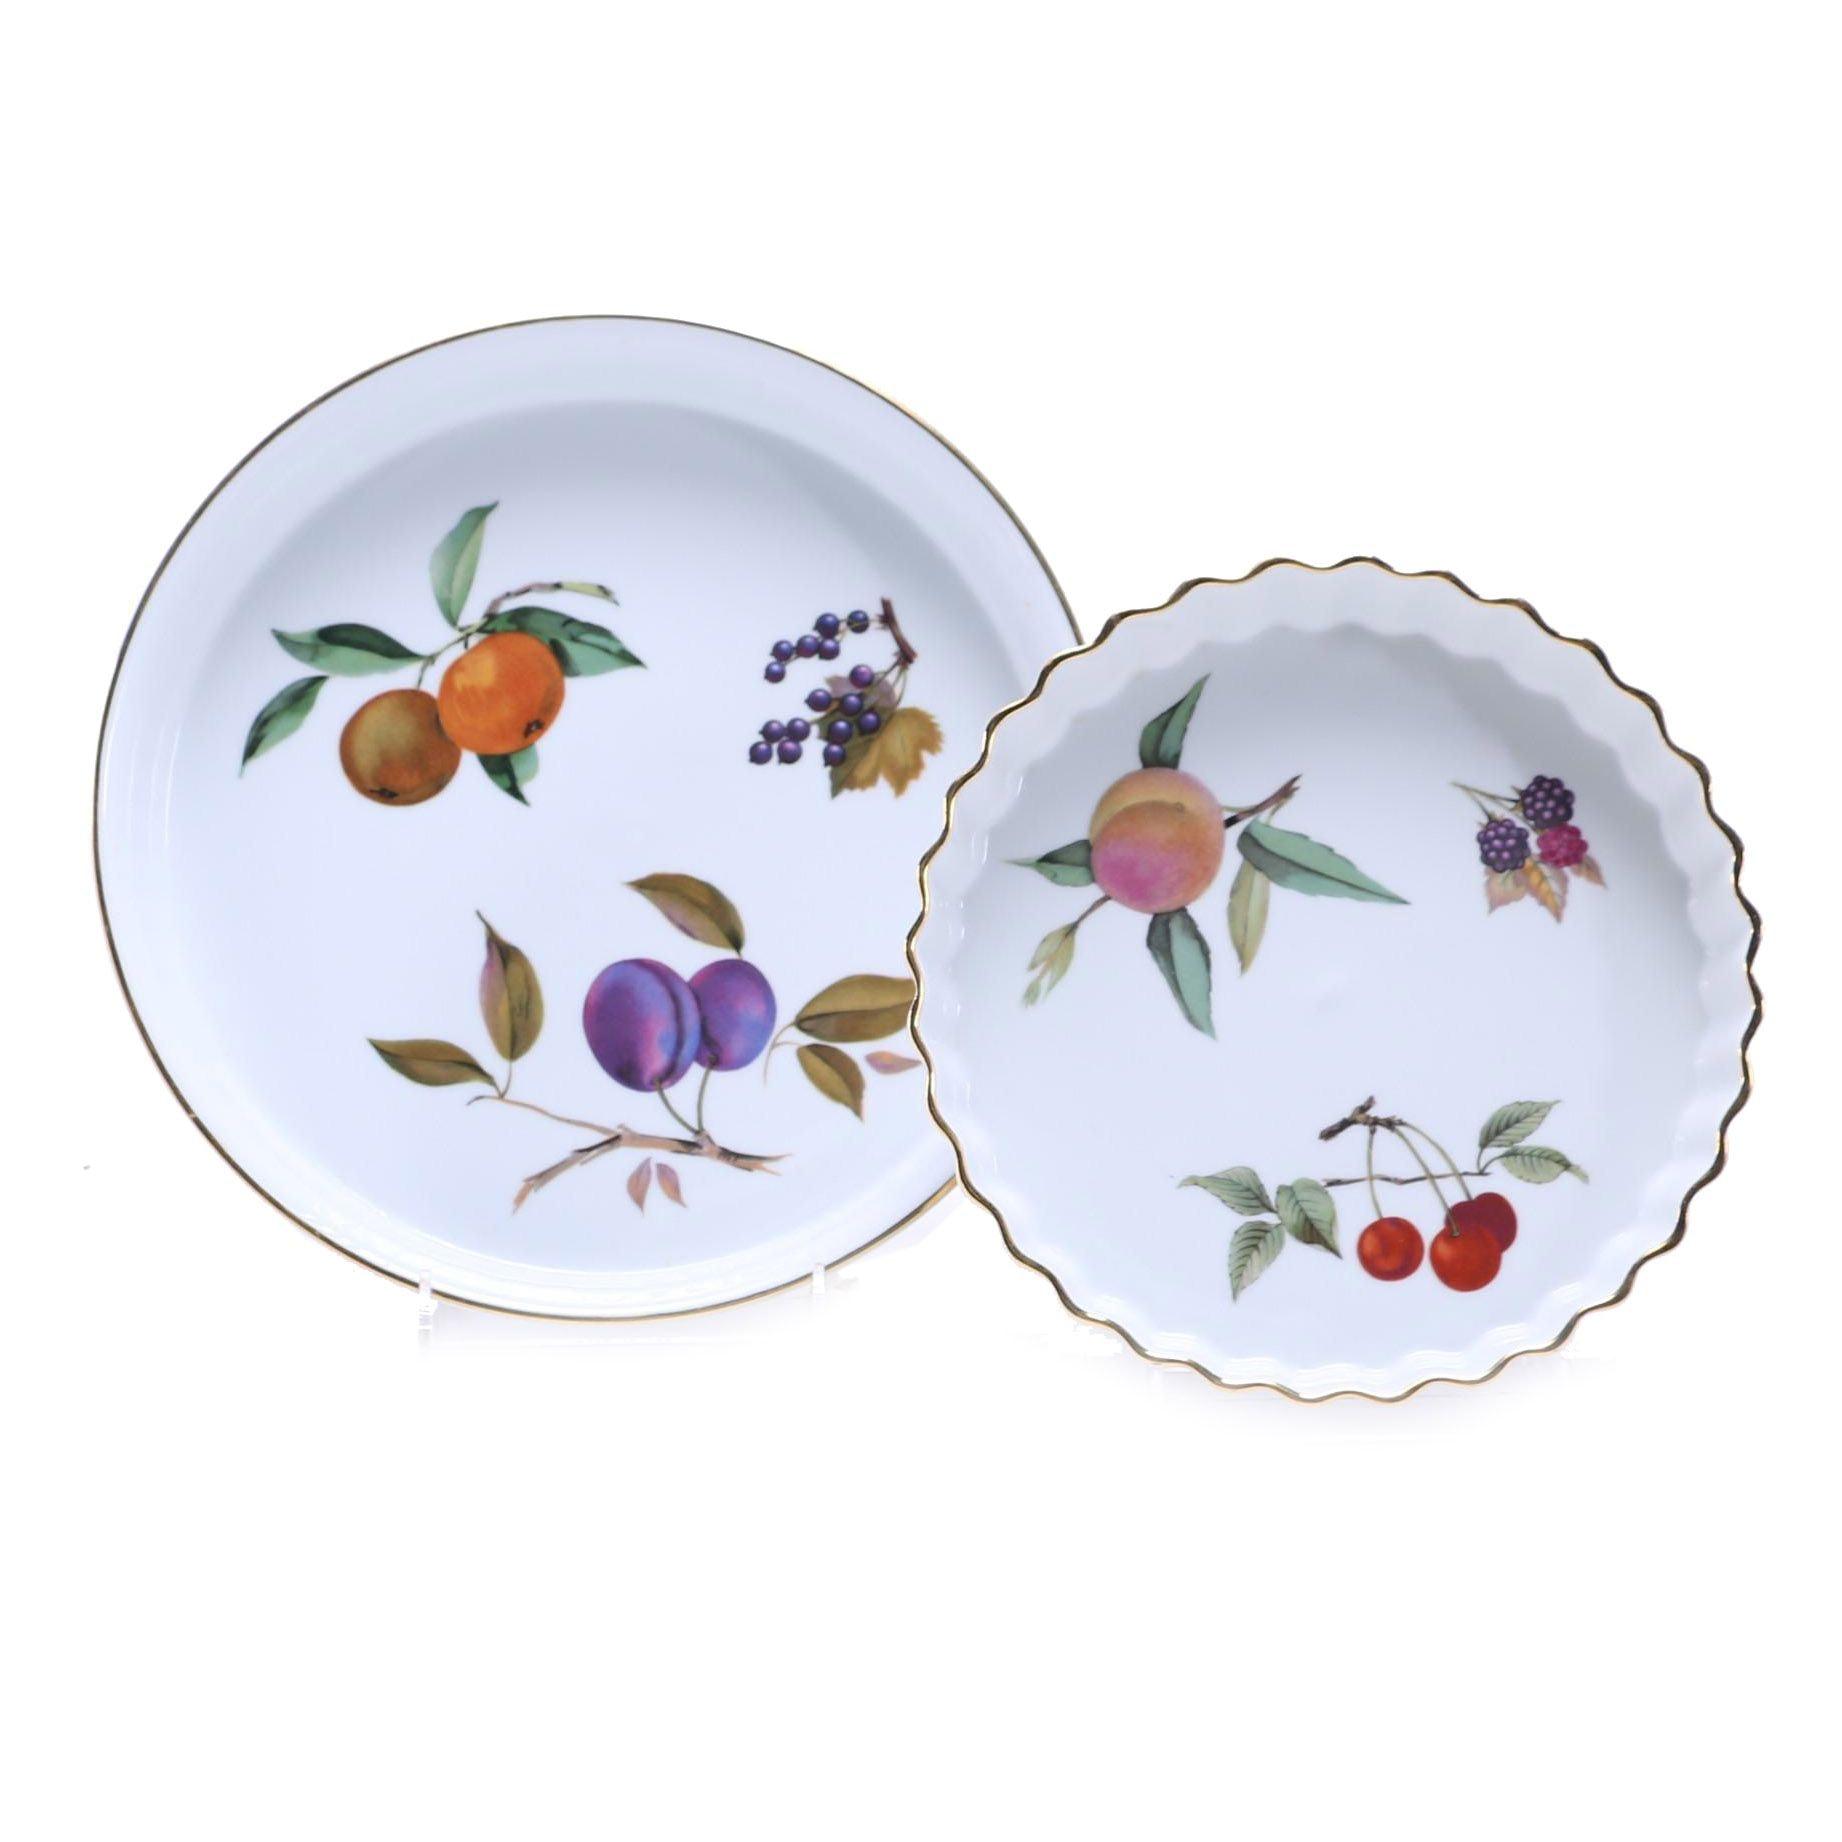 Royal Worcester  Evesham  Porcelain Baking ...  sc 1 st  EBTH.com & Royal Worcester